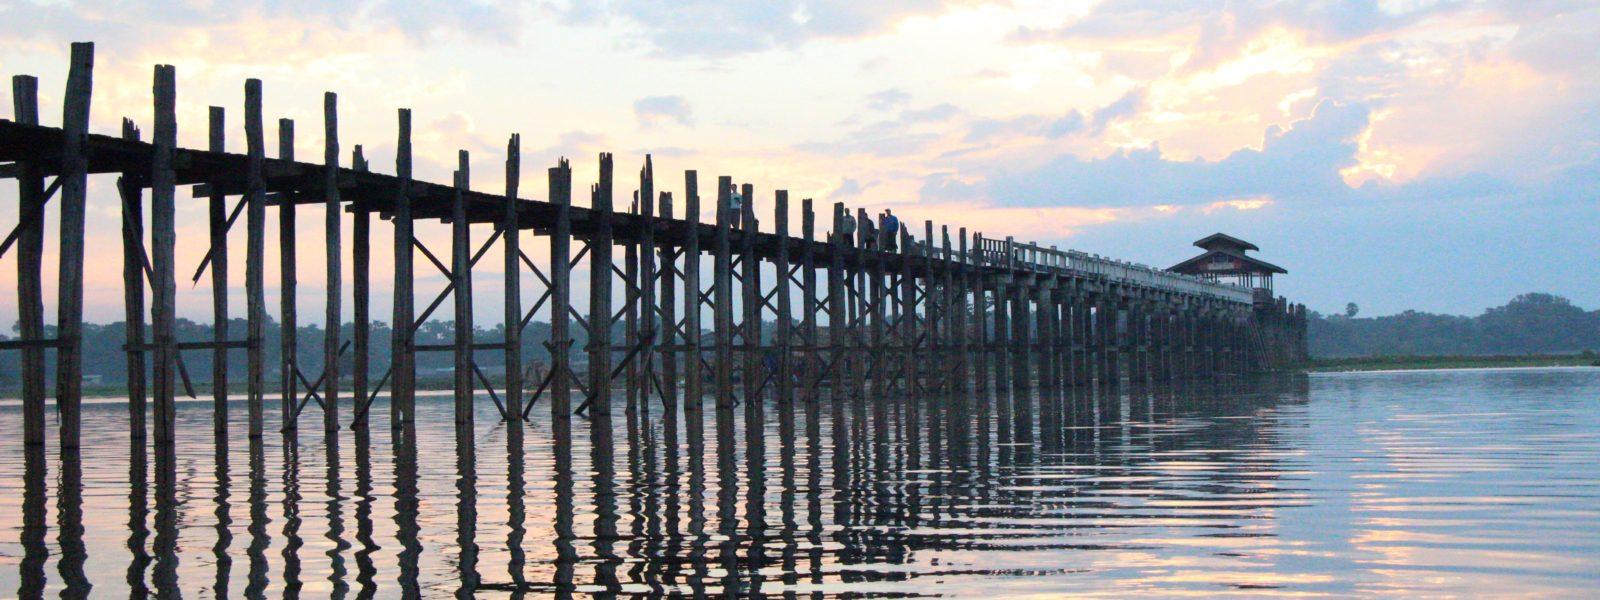 Amarapura & the U Bein Bridge - the U Bein Bridge - Mandalay - Sampan Travel